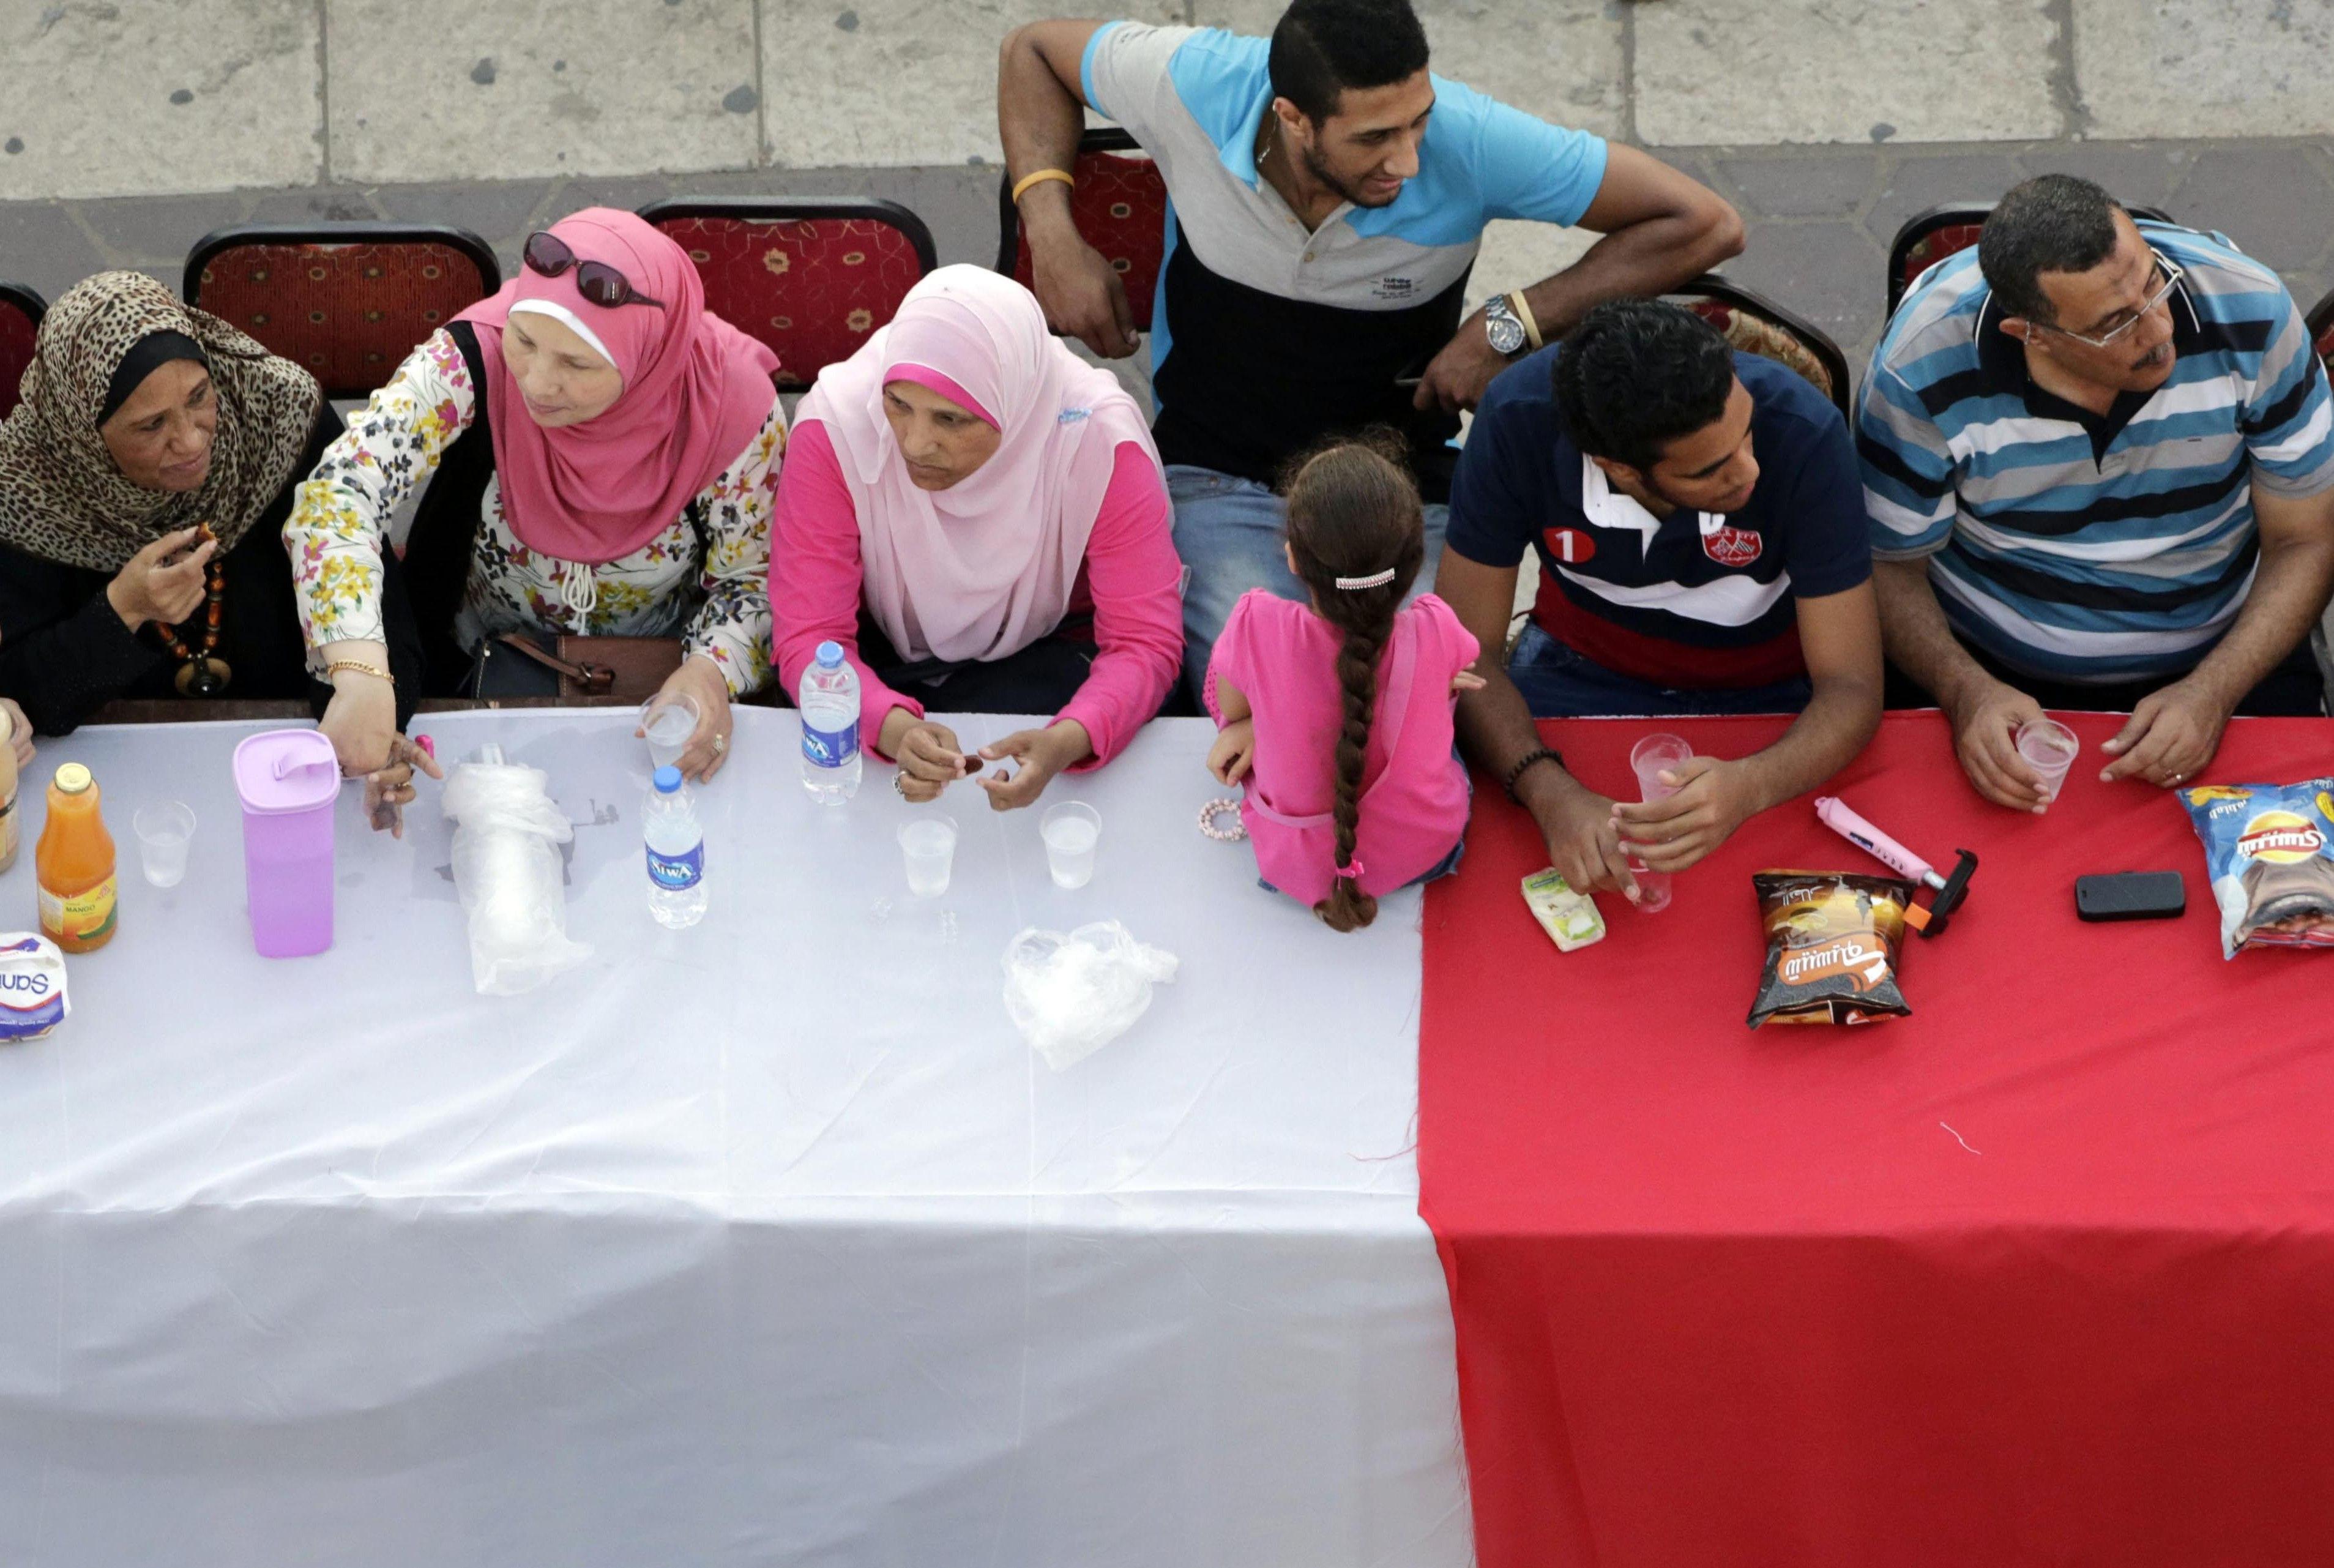 Egipska rodzina zebrana przy stole podczas Ramadanu (Amr Nabil / AP Photo)